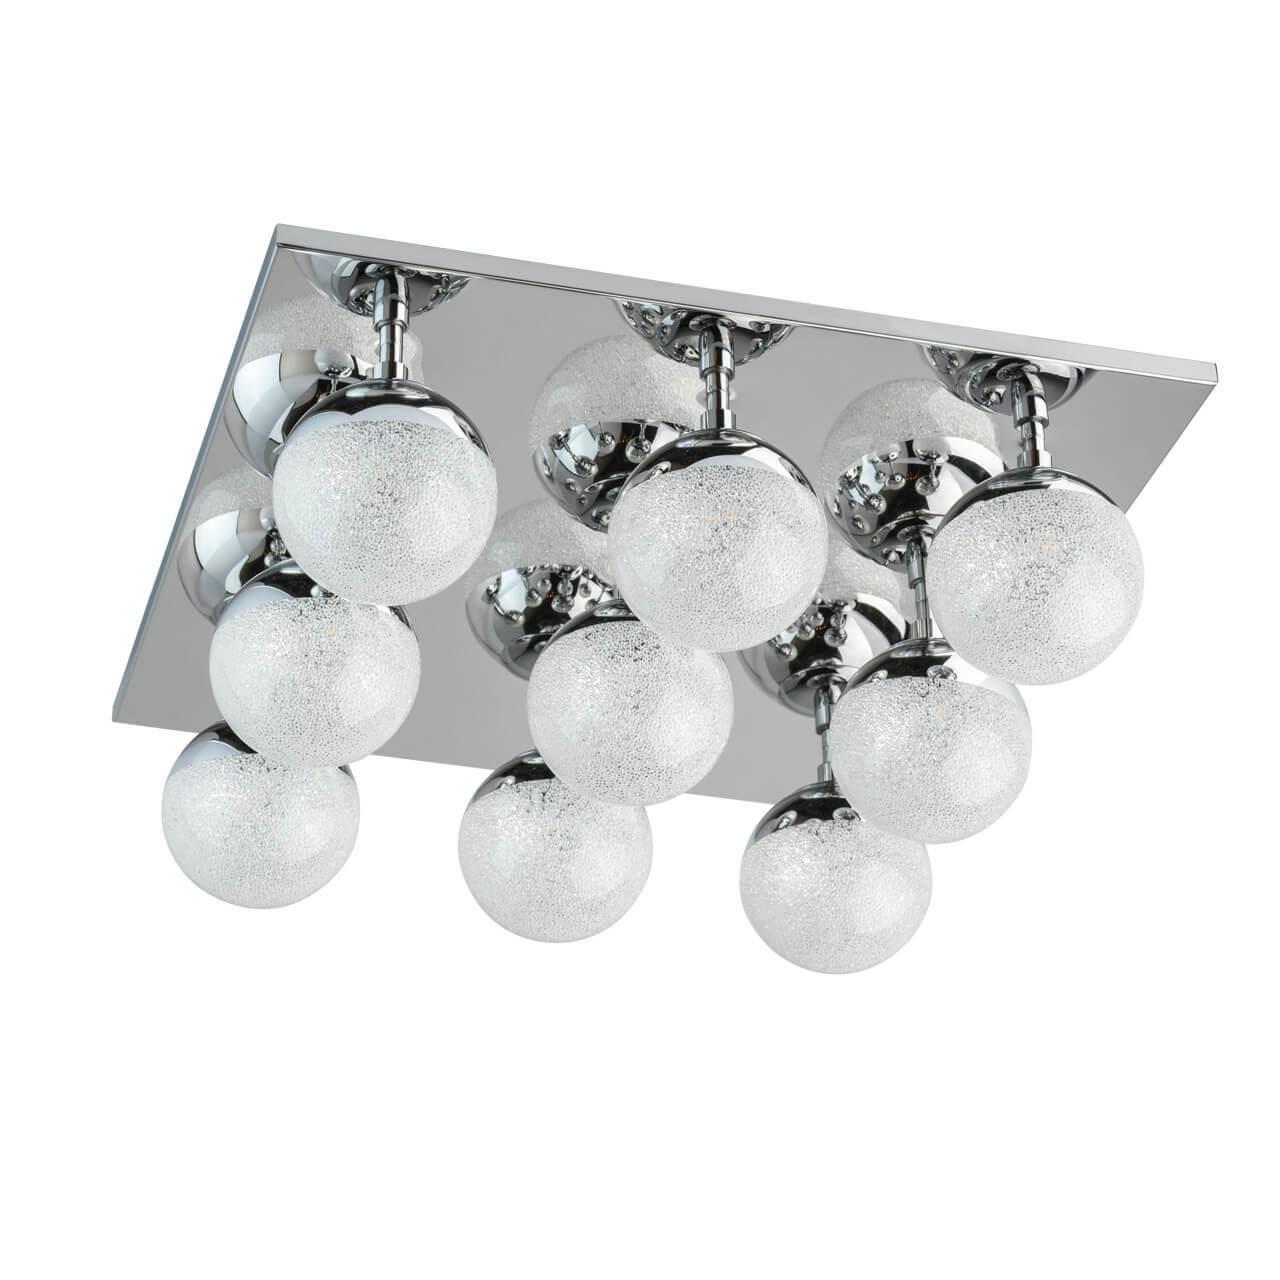 Потолочная светодиодная люстра De Markt Каспер 1 707010709